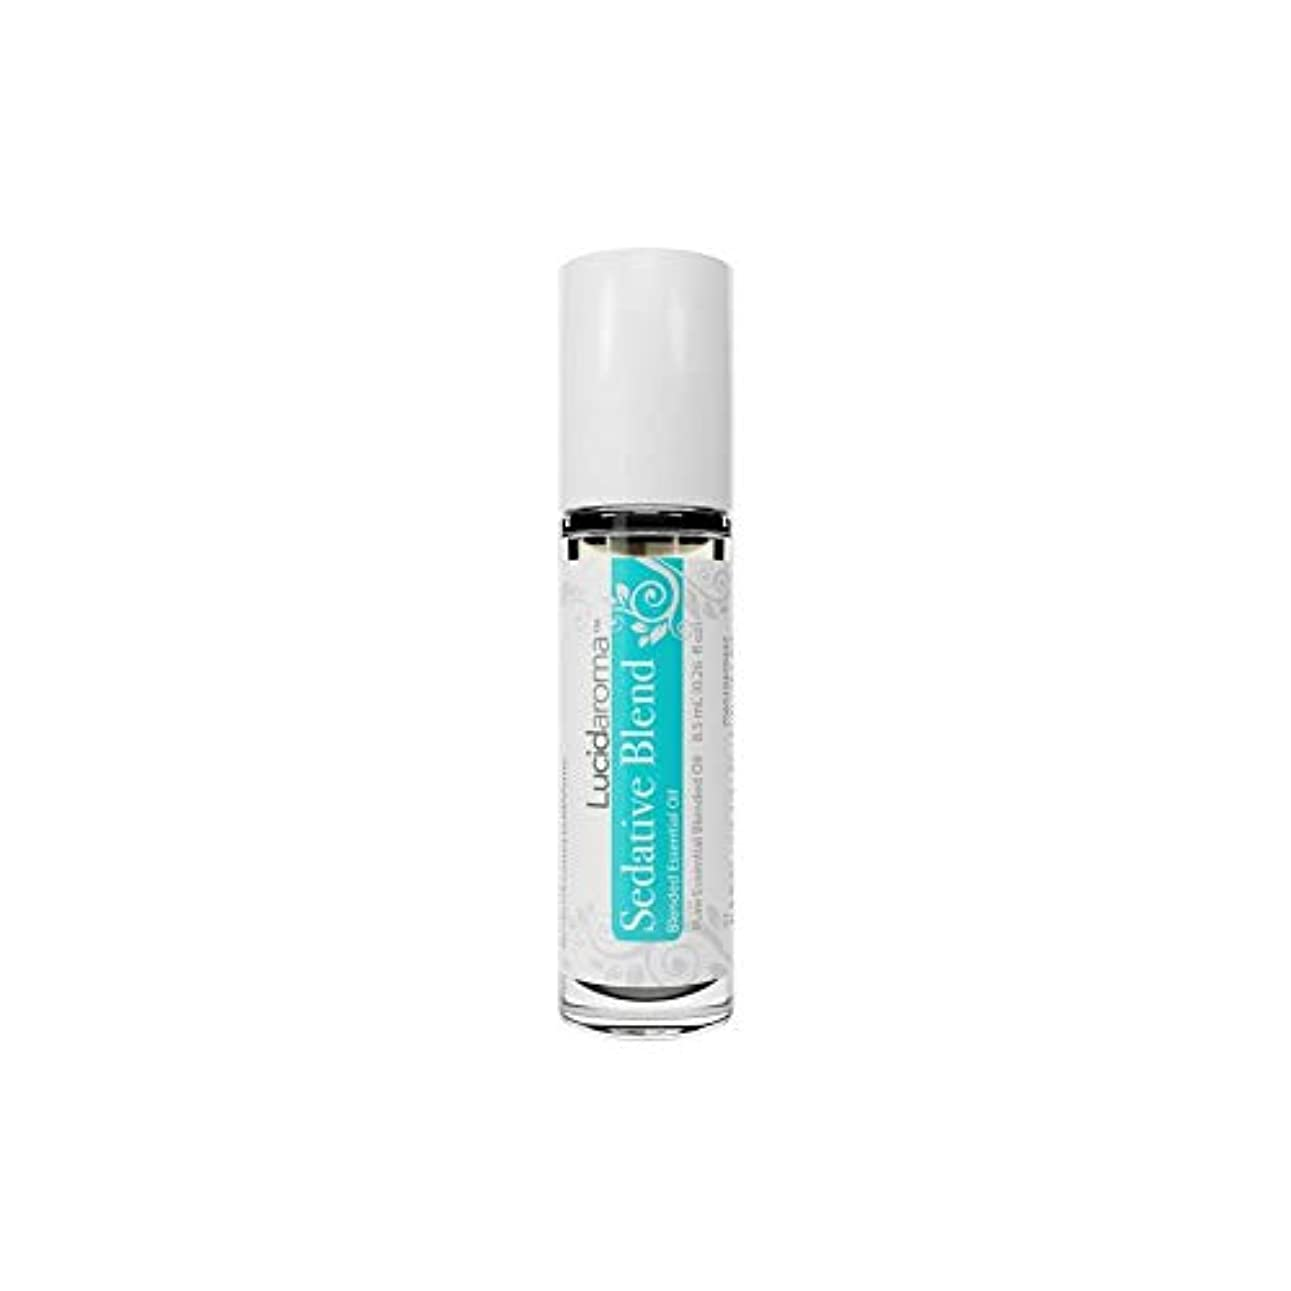 財団滝器用Lucid Aroma Sedative Blend セダティヴ ブレンド ロールオン アロマオイル 8.5mL (塗るアロマ) 100%天然 携帯便利 ピュア エッセンシャル アメリカ製